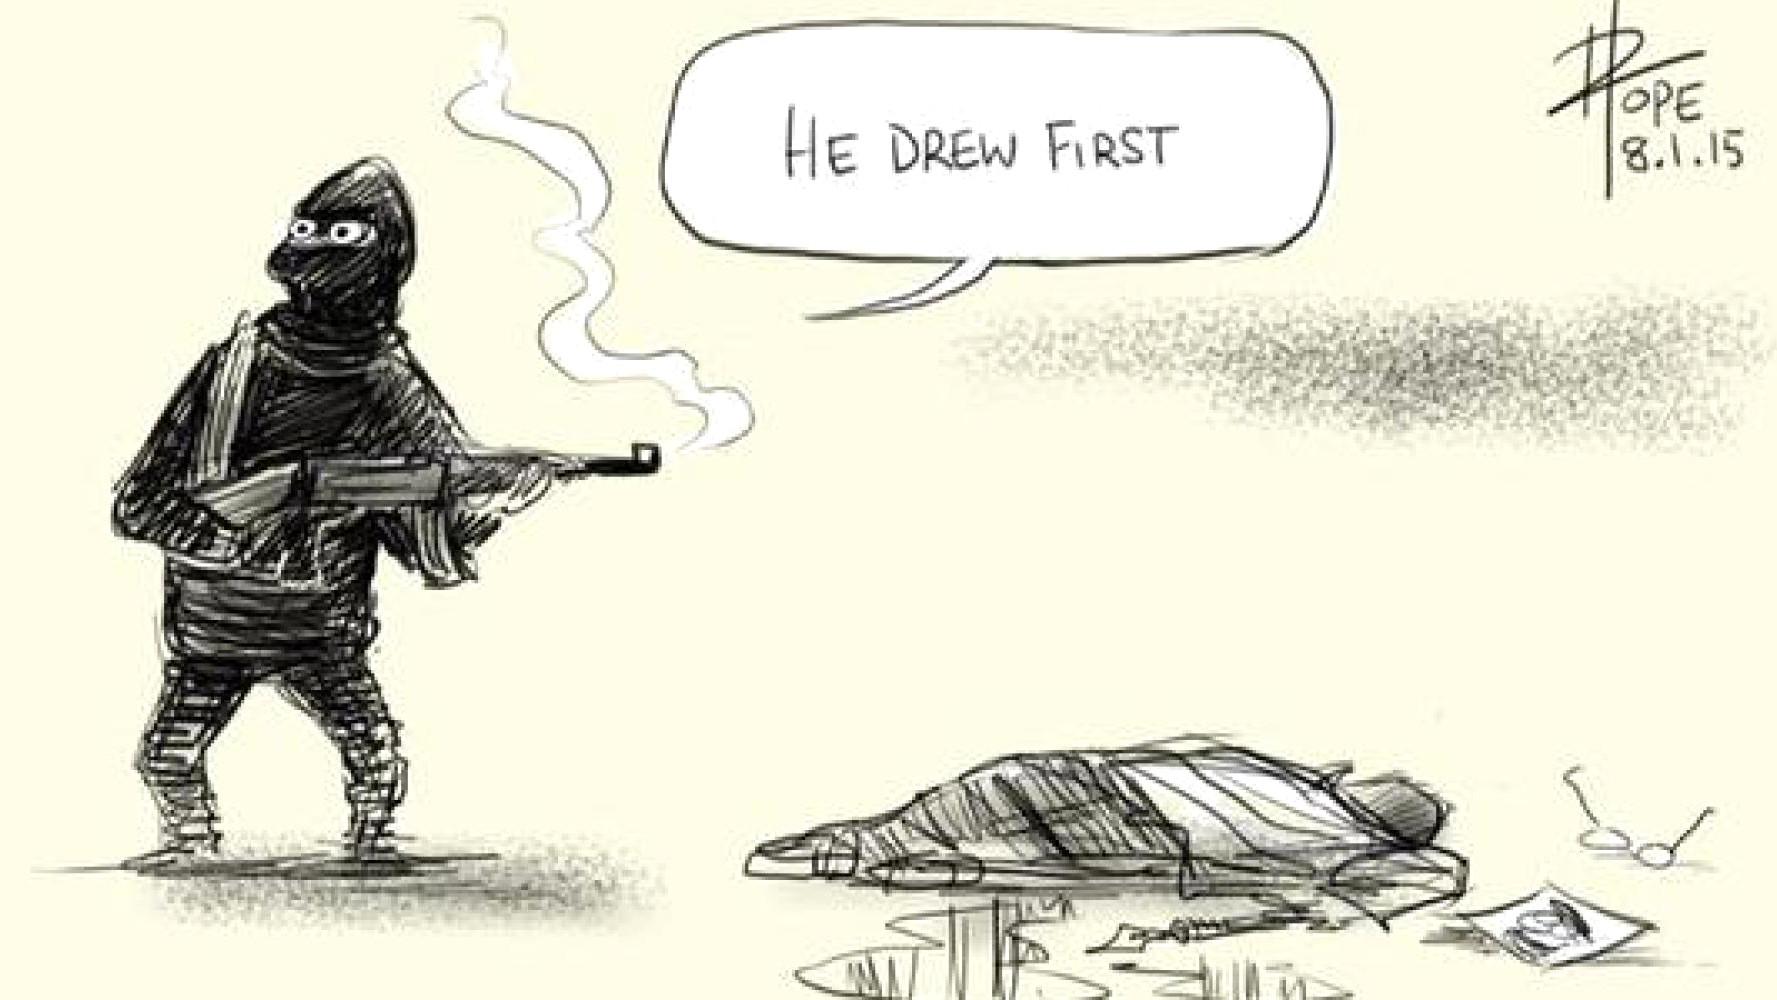 Charlie Hebdo-Anschlag, 2015.